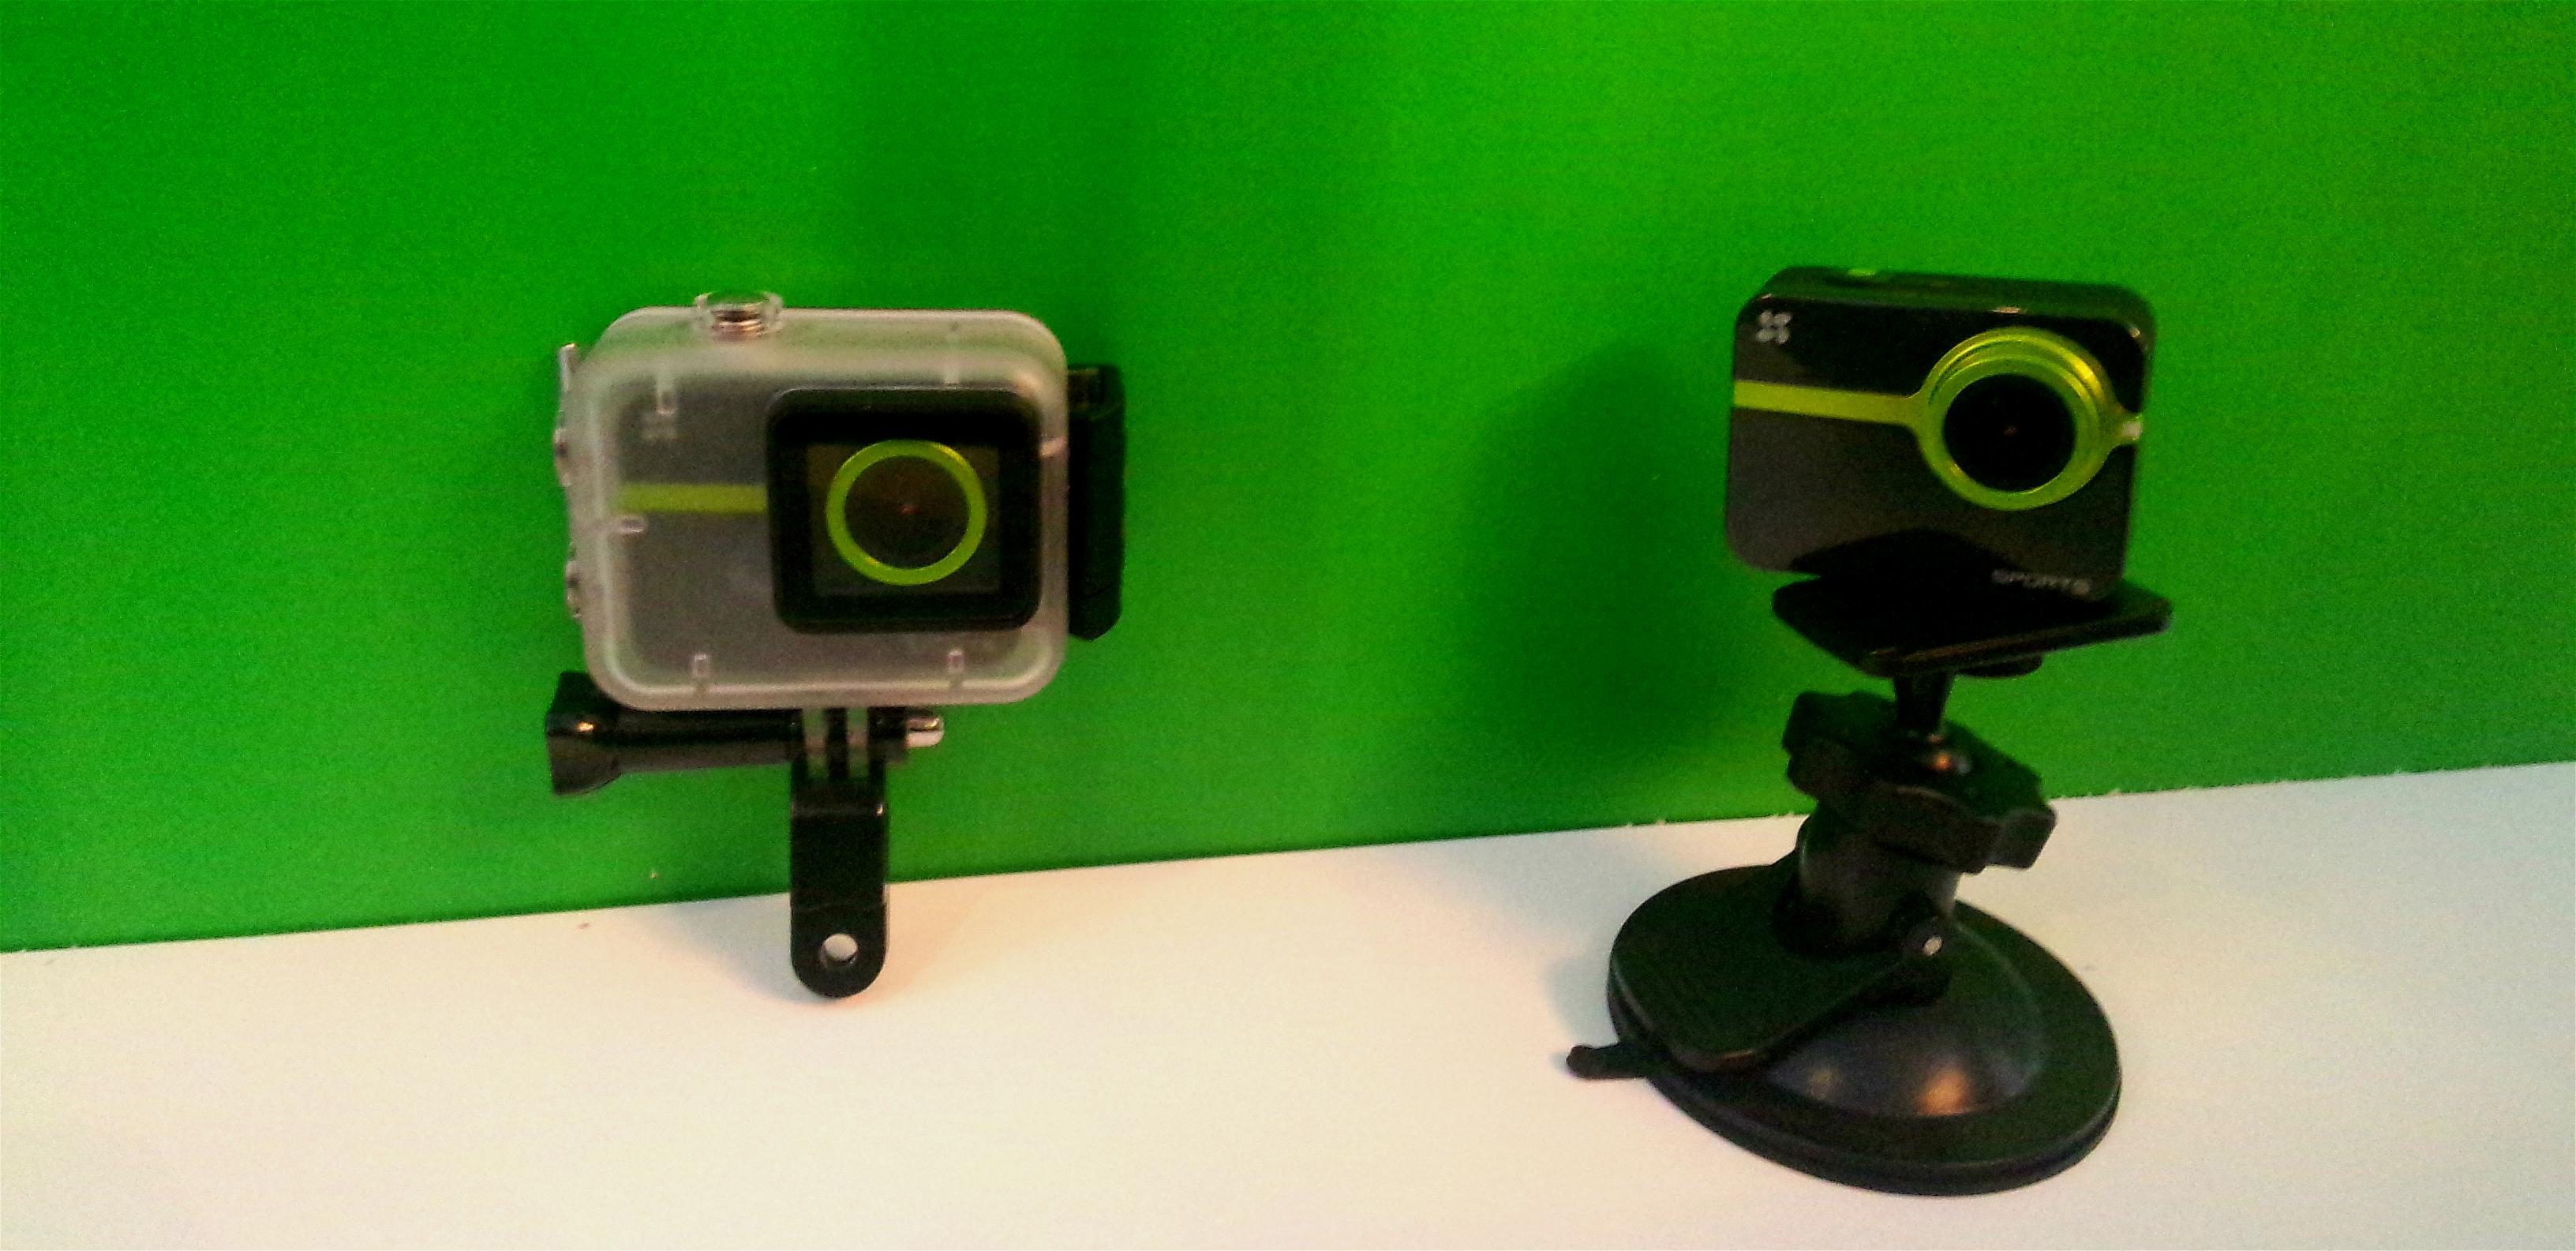 萤石 S1 :要挑战的并不是 GoPro